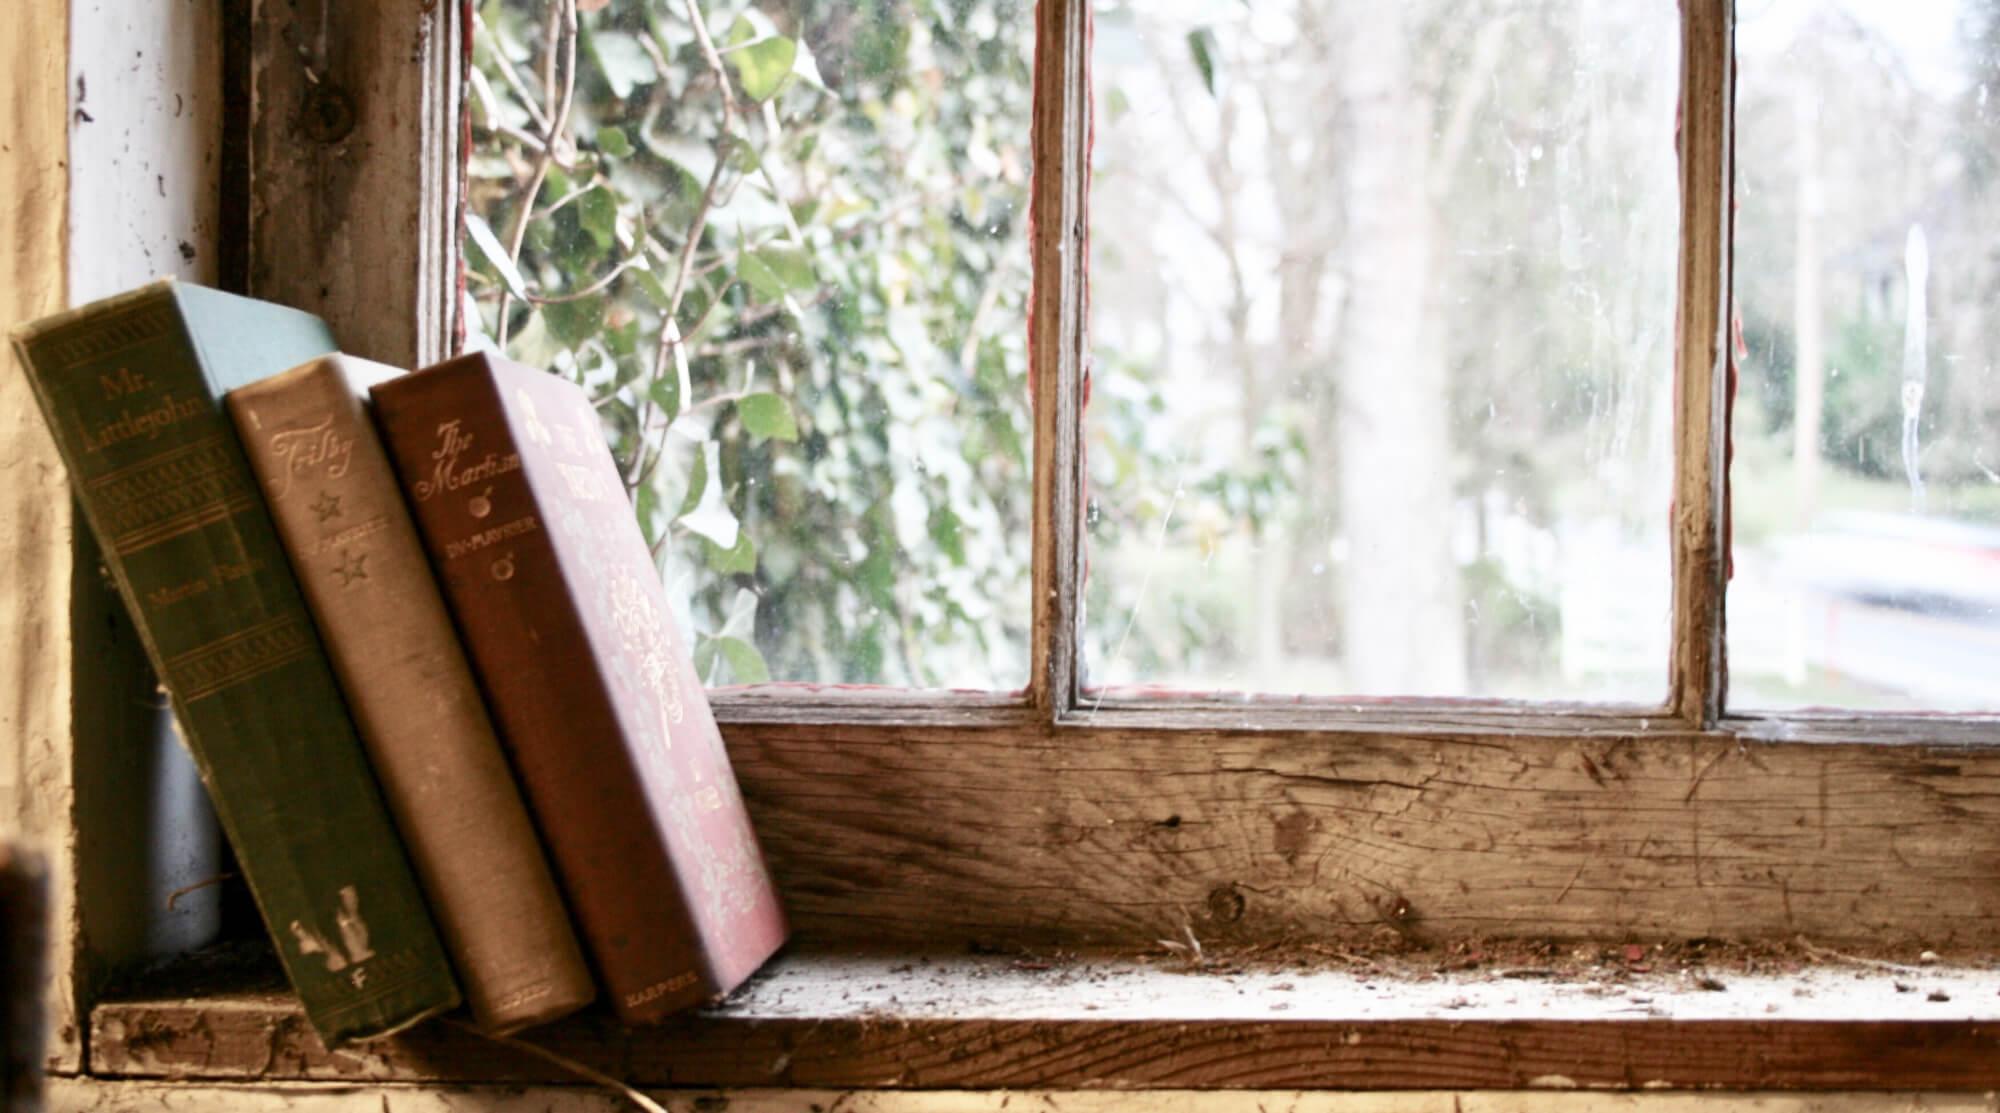 Gamla böcker i ett fönster